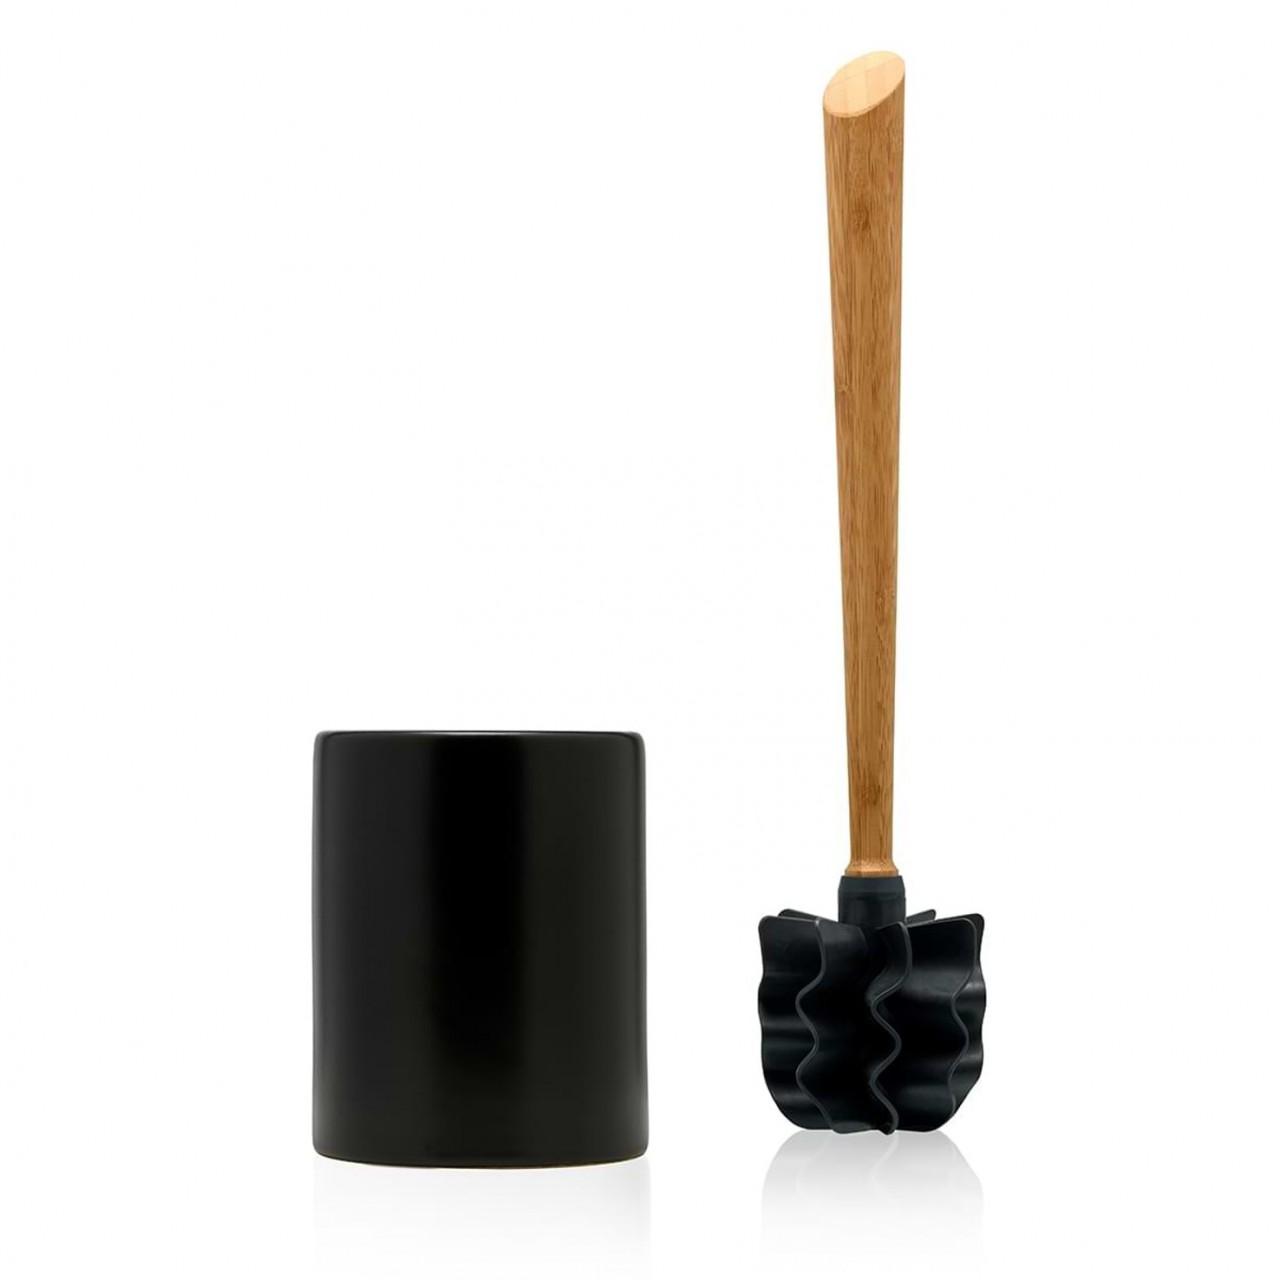 LOOWY Woodline – Bambus Set | die borstenlose Toilettenbürste mit Bambusgriff und Halter schwarz